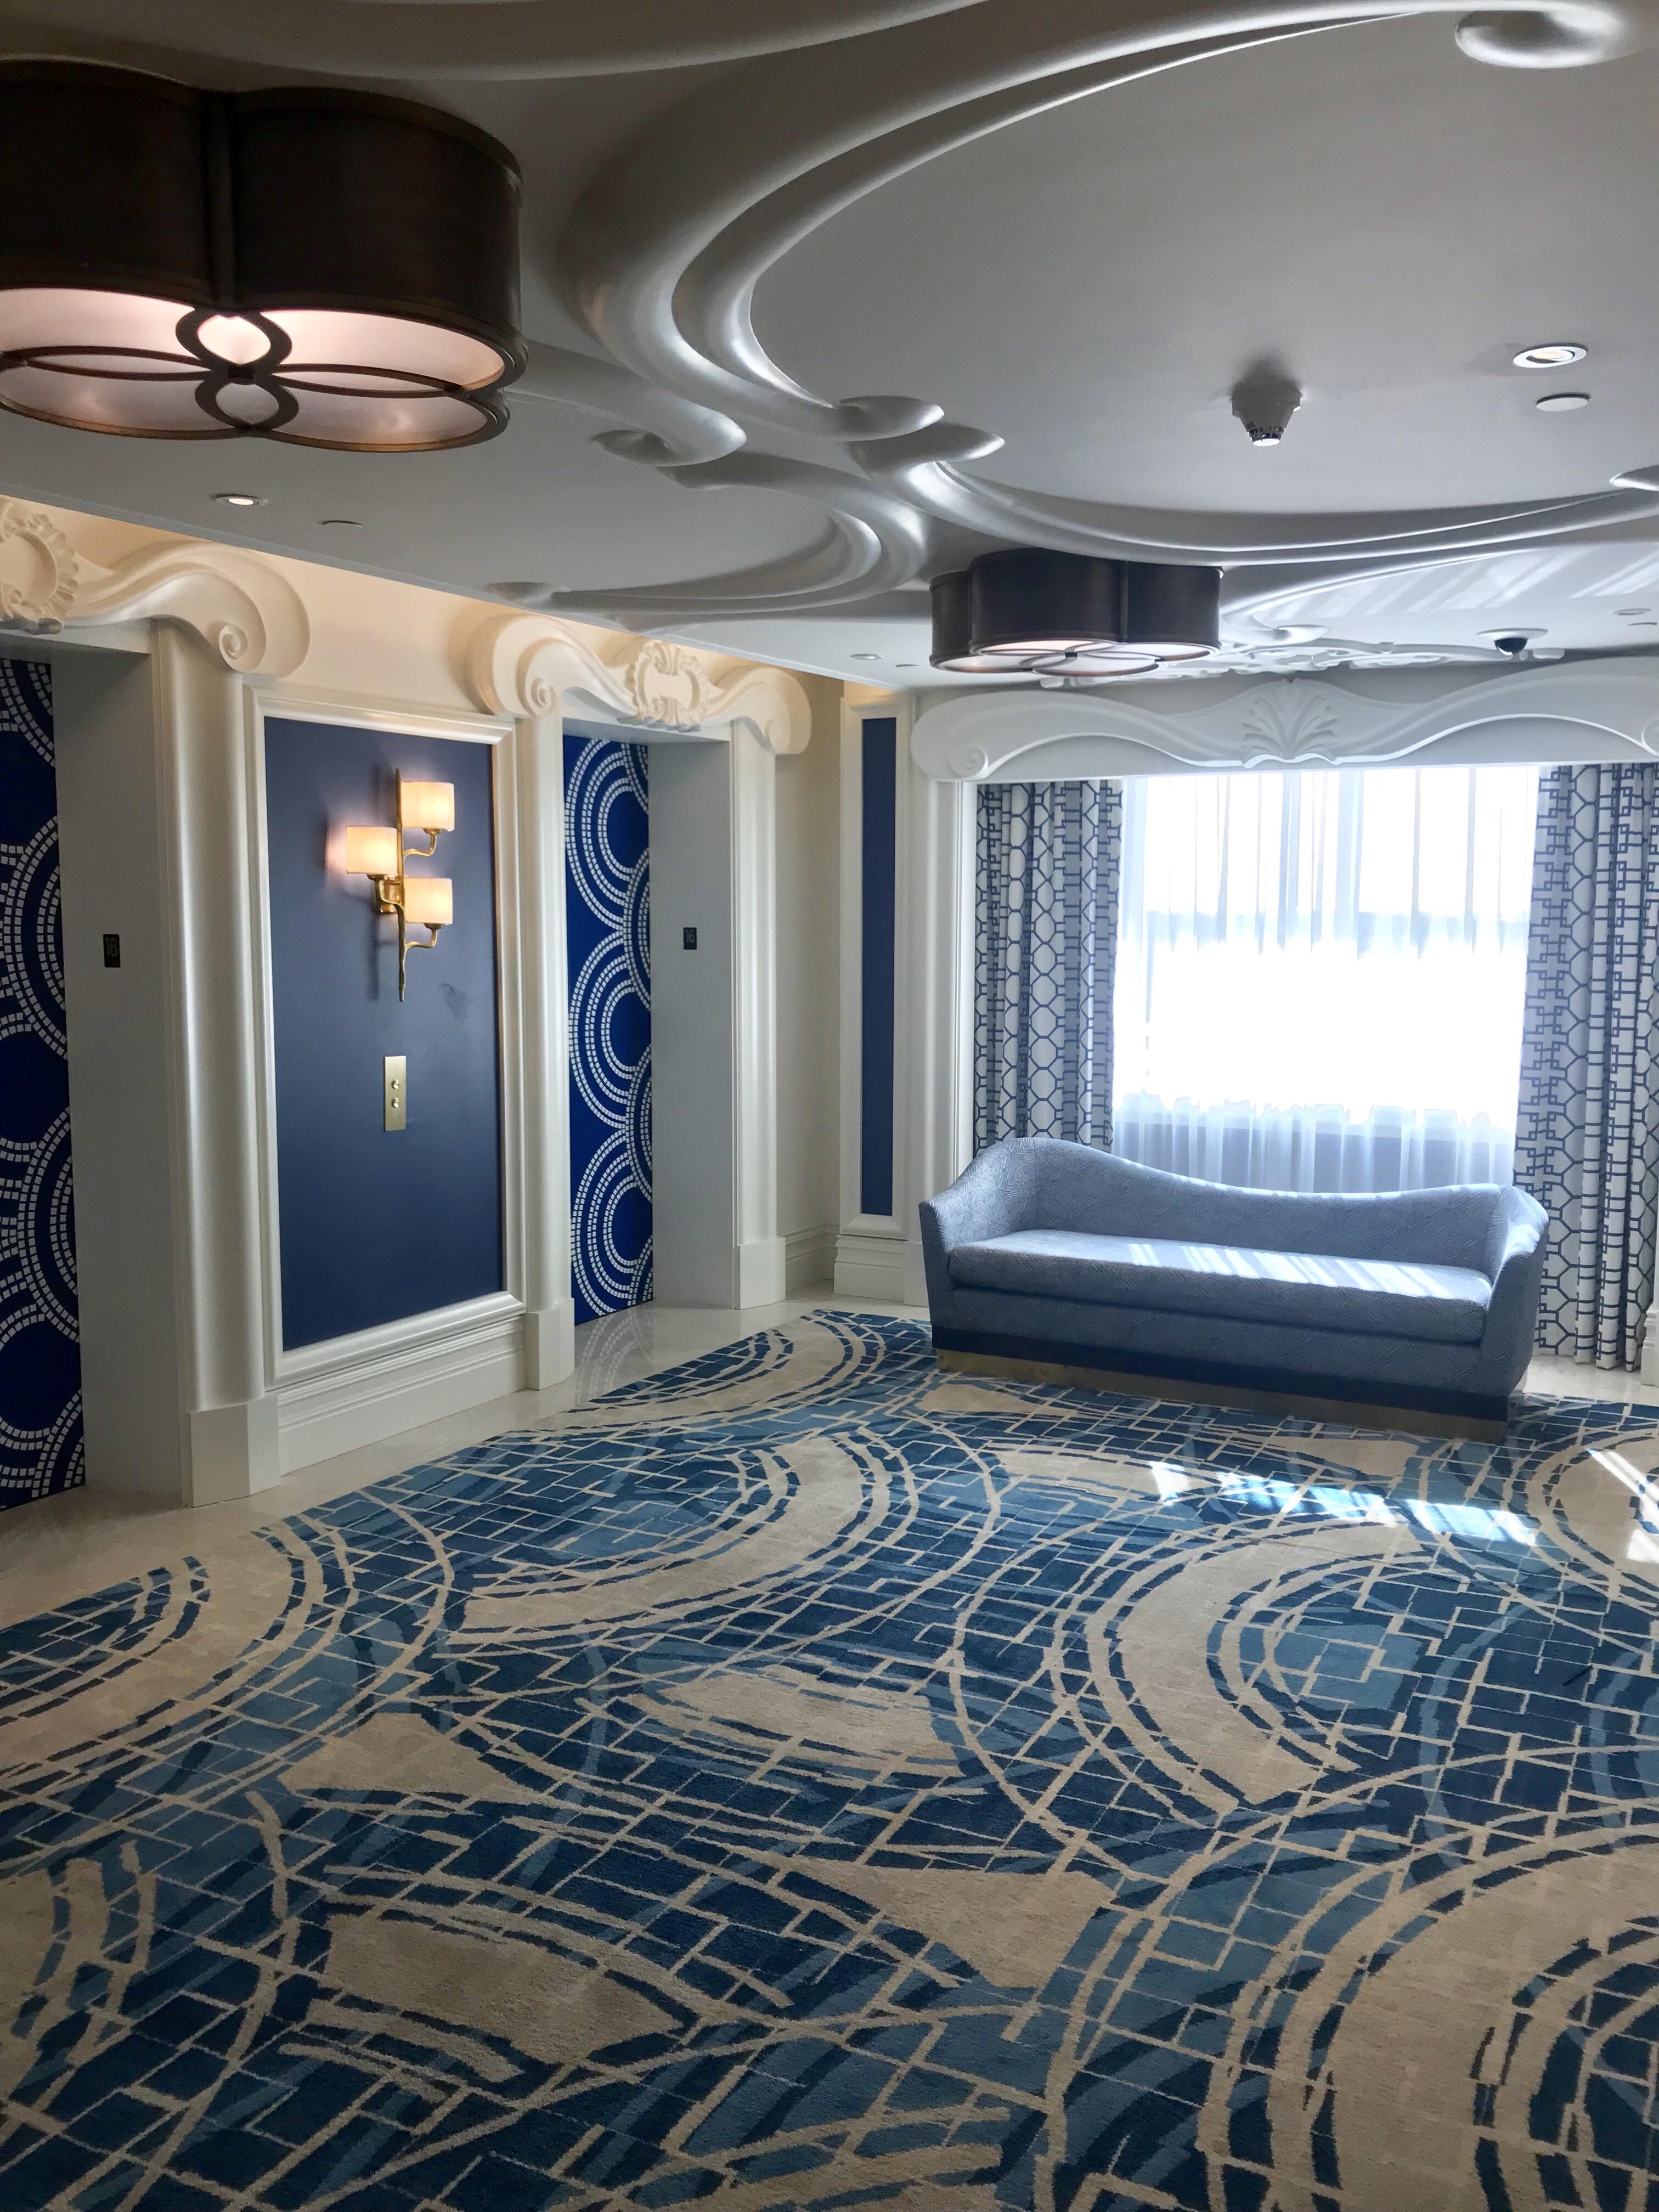 Hyatt Baha Mar Hotel Review